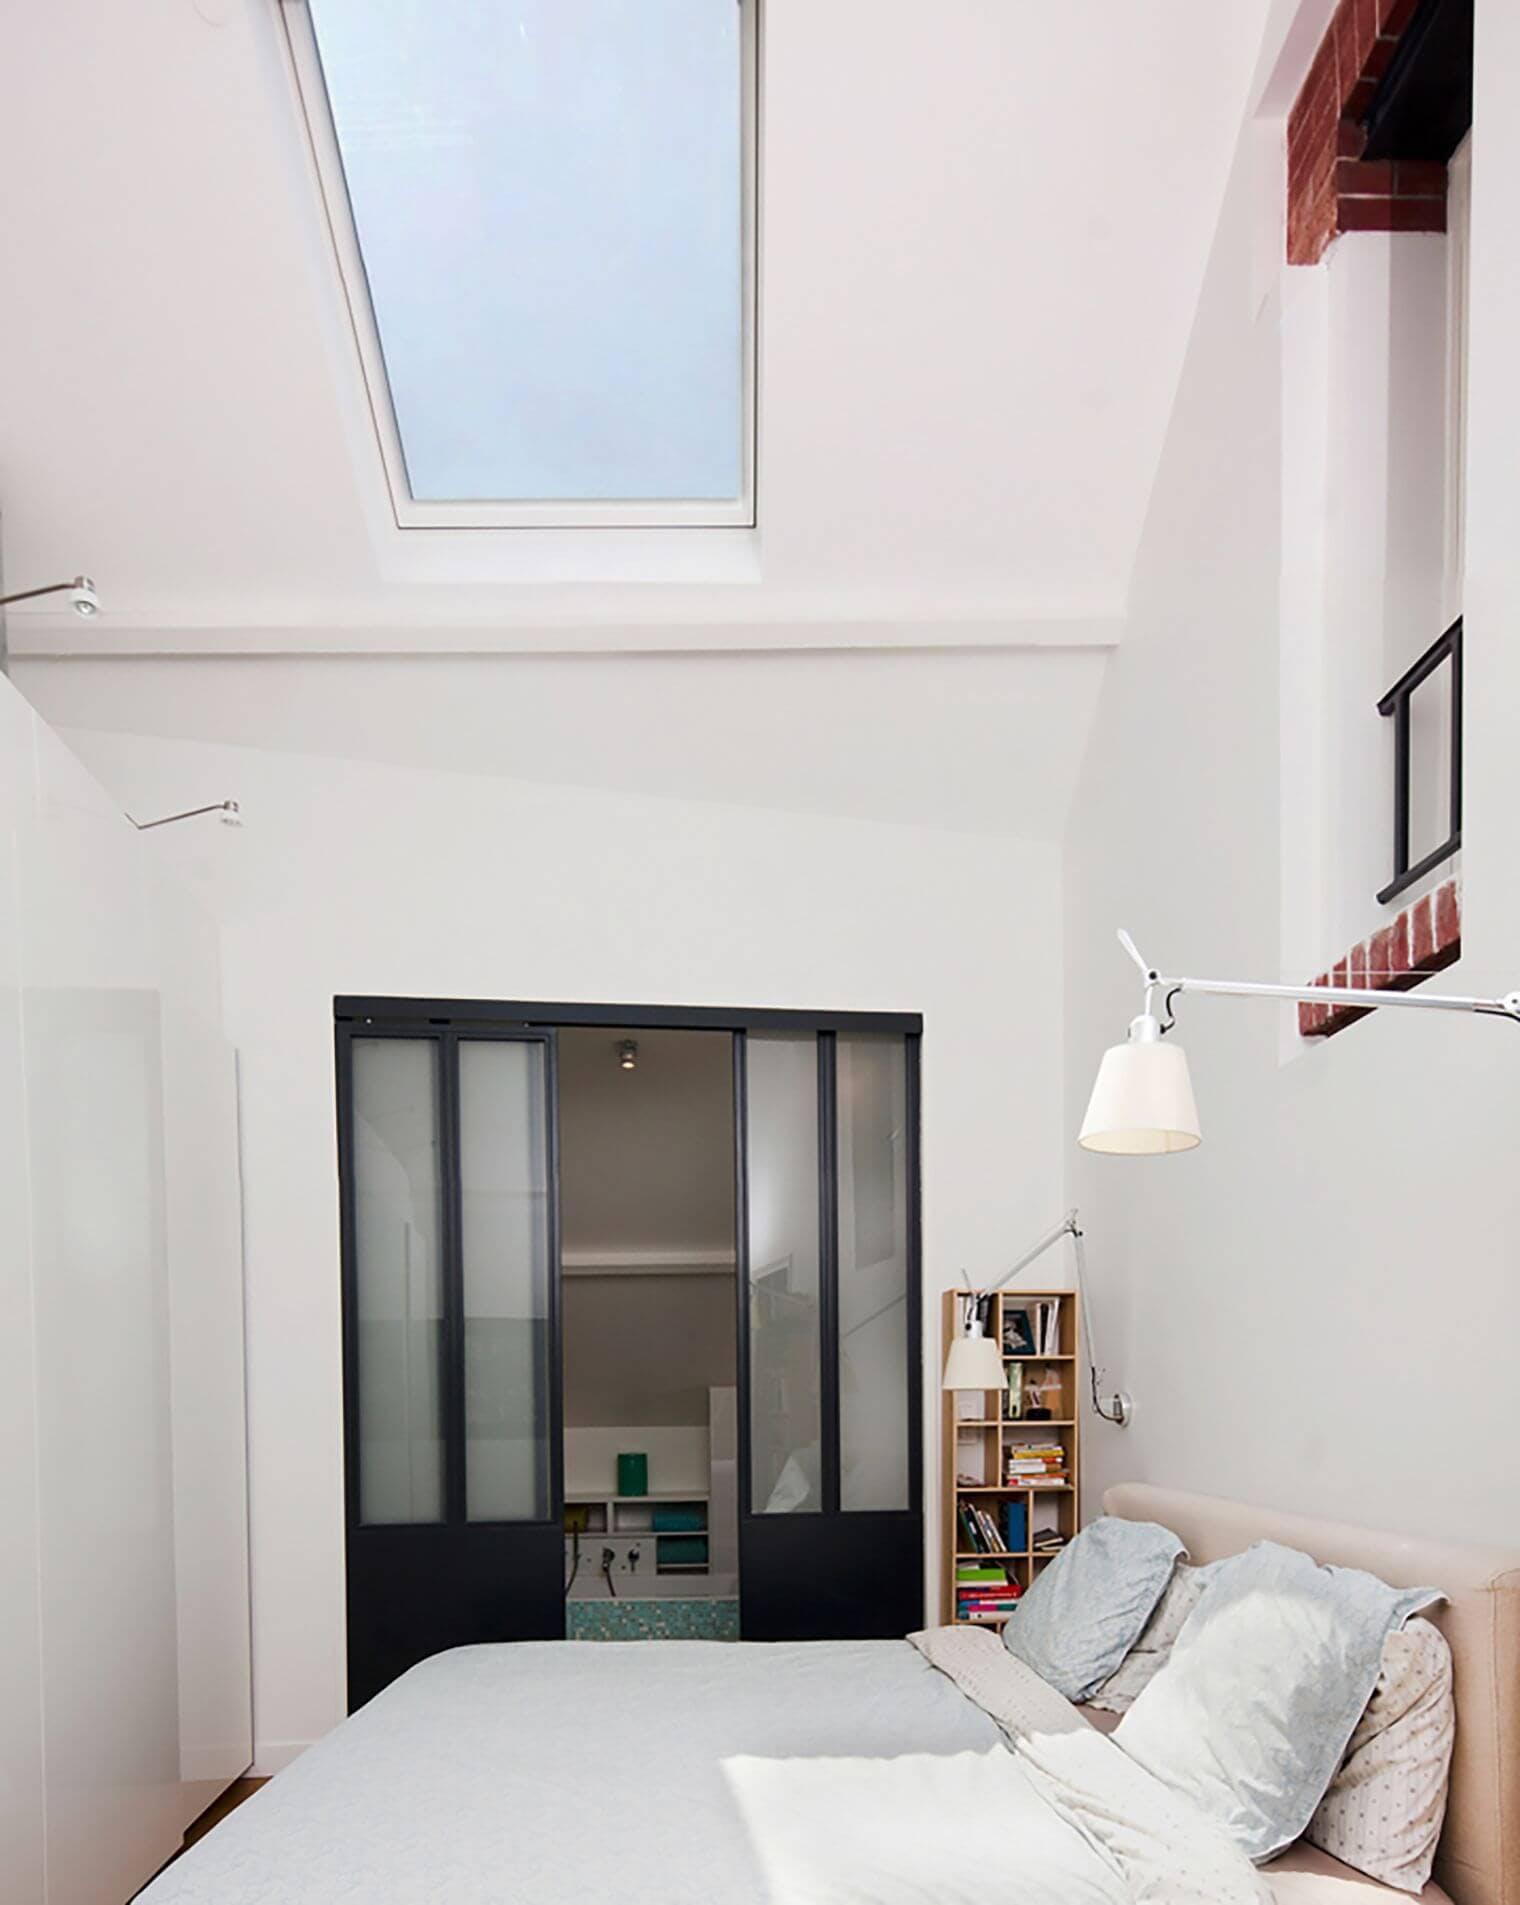 Rénovation chambre dans une maison familiale